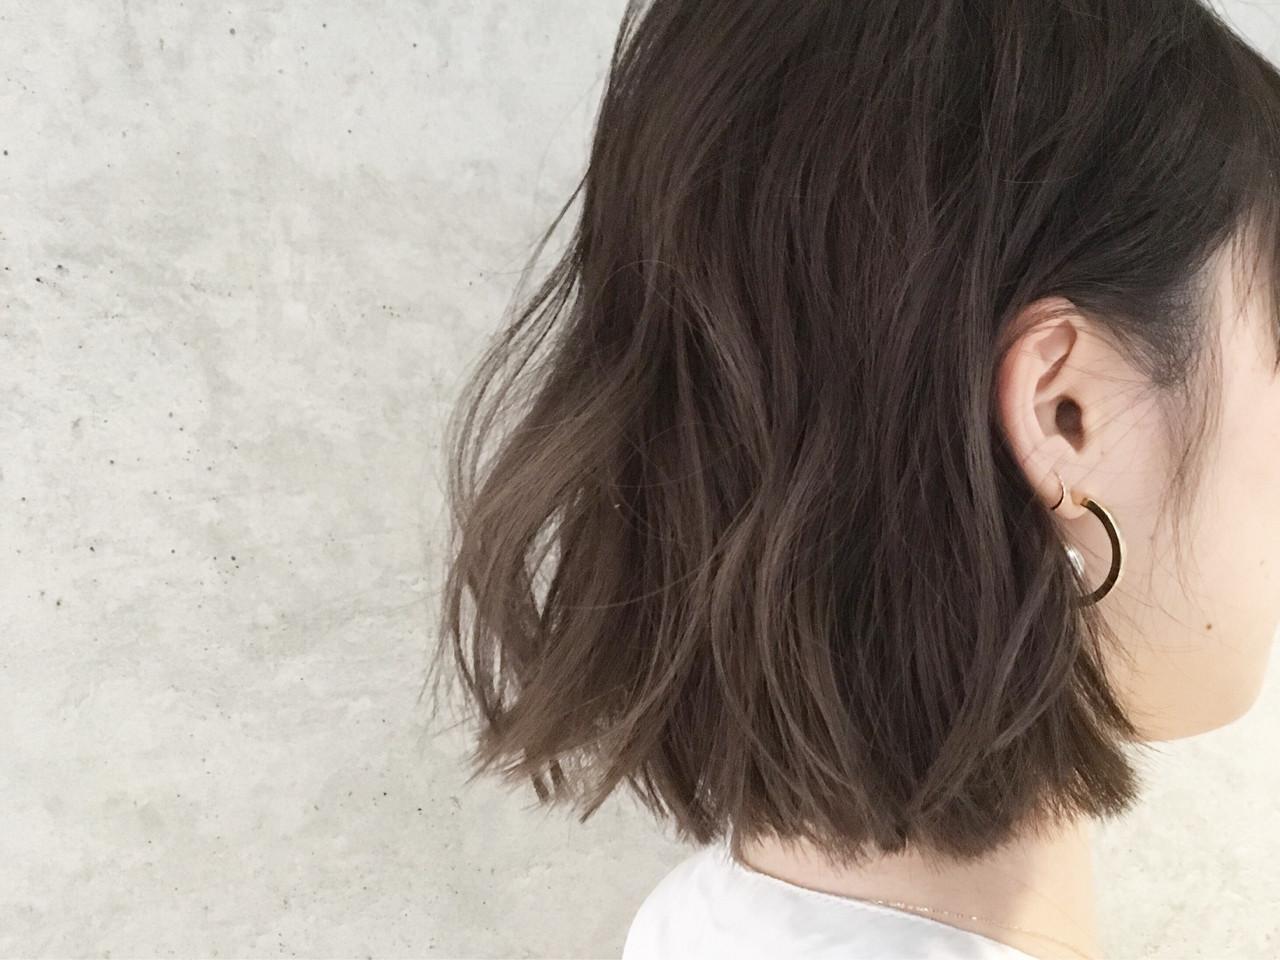 ボブ ナチュラル 色気 ゆるふわ ヘアスタイルや髪型の写真・画像 | Sayaka / diptyMOILA